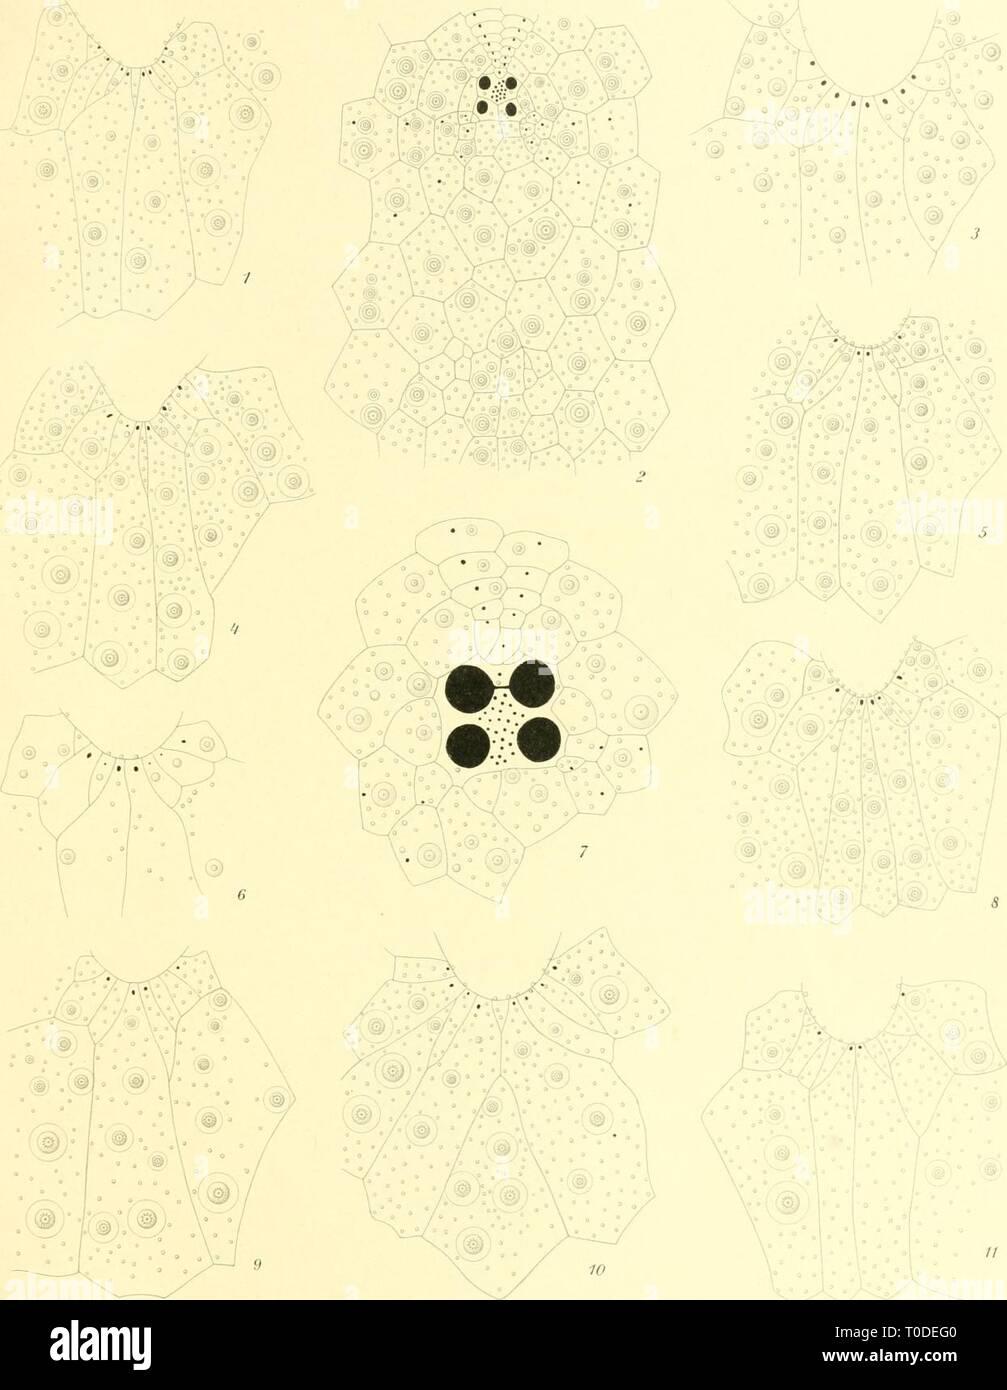 """(1903) Echinoidea Echinoidea echinoidea00mort Año: 1903 fil fjolf I'.'xpt'ilitioitcit II'', Mortensen, Echuioidea Til.11. Ficha. )""""/// TeKstn TTUkfoT-Supr. 13. 7.-liilc ronr^ia m'/ini/di Mrlsii., 'l (!. es de 11. Poni-la IC.-iid .leffrt'i/.'II U'.J'/i. Foto de stock"""